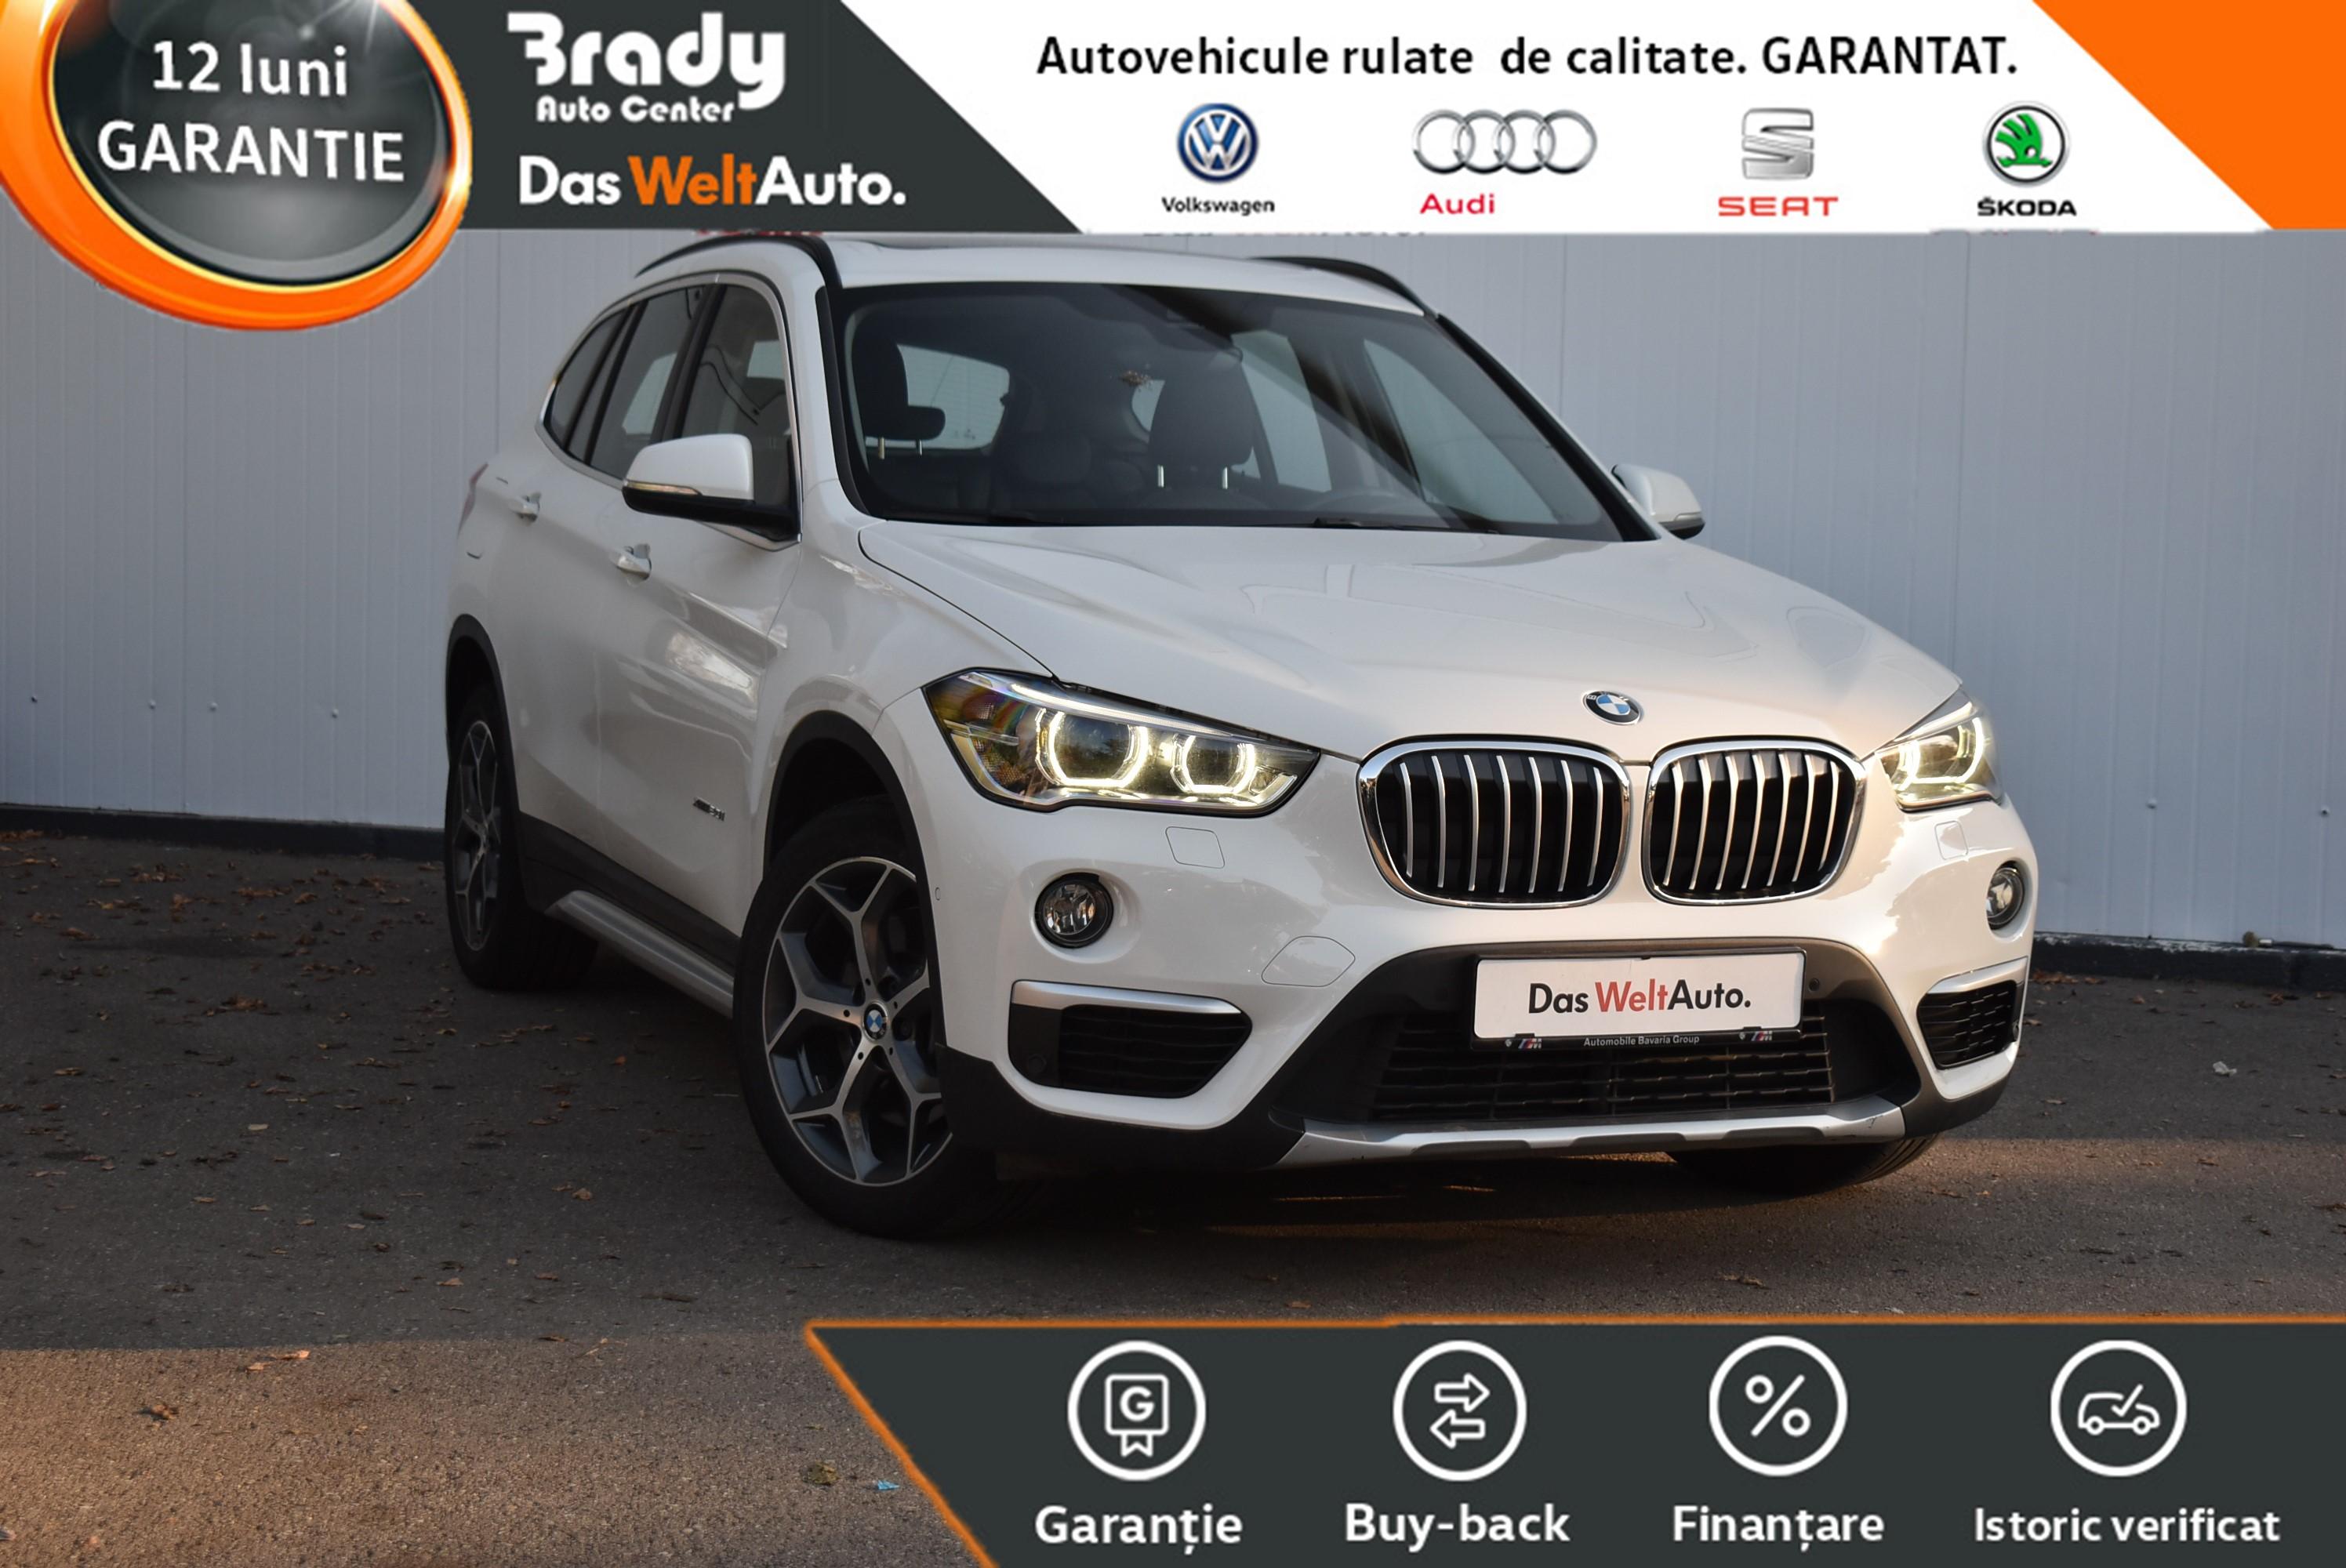 BMW X3 2.0 i / 192 CP